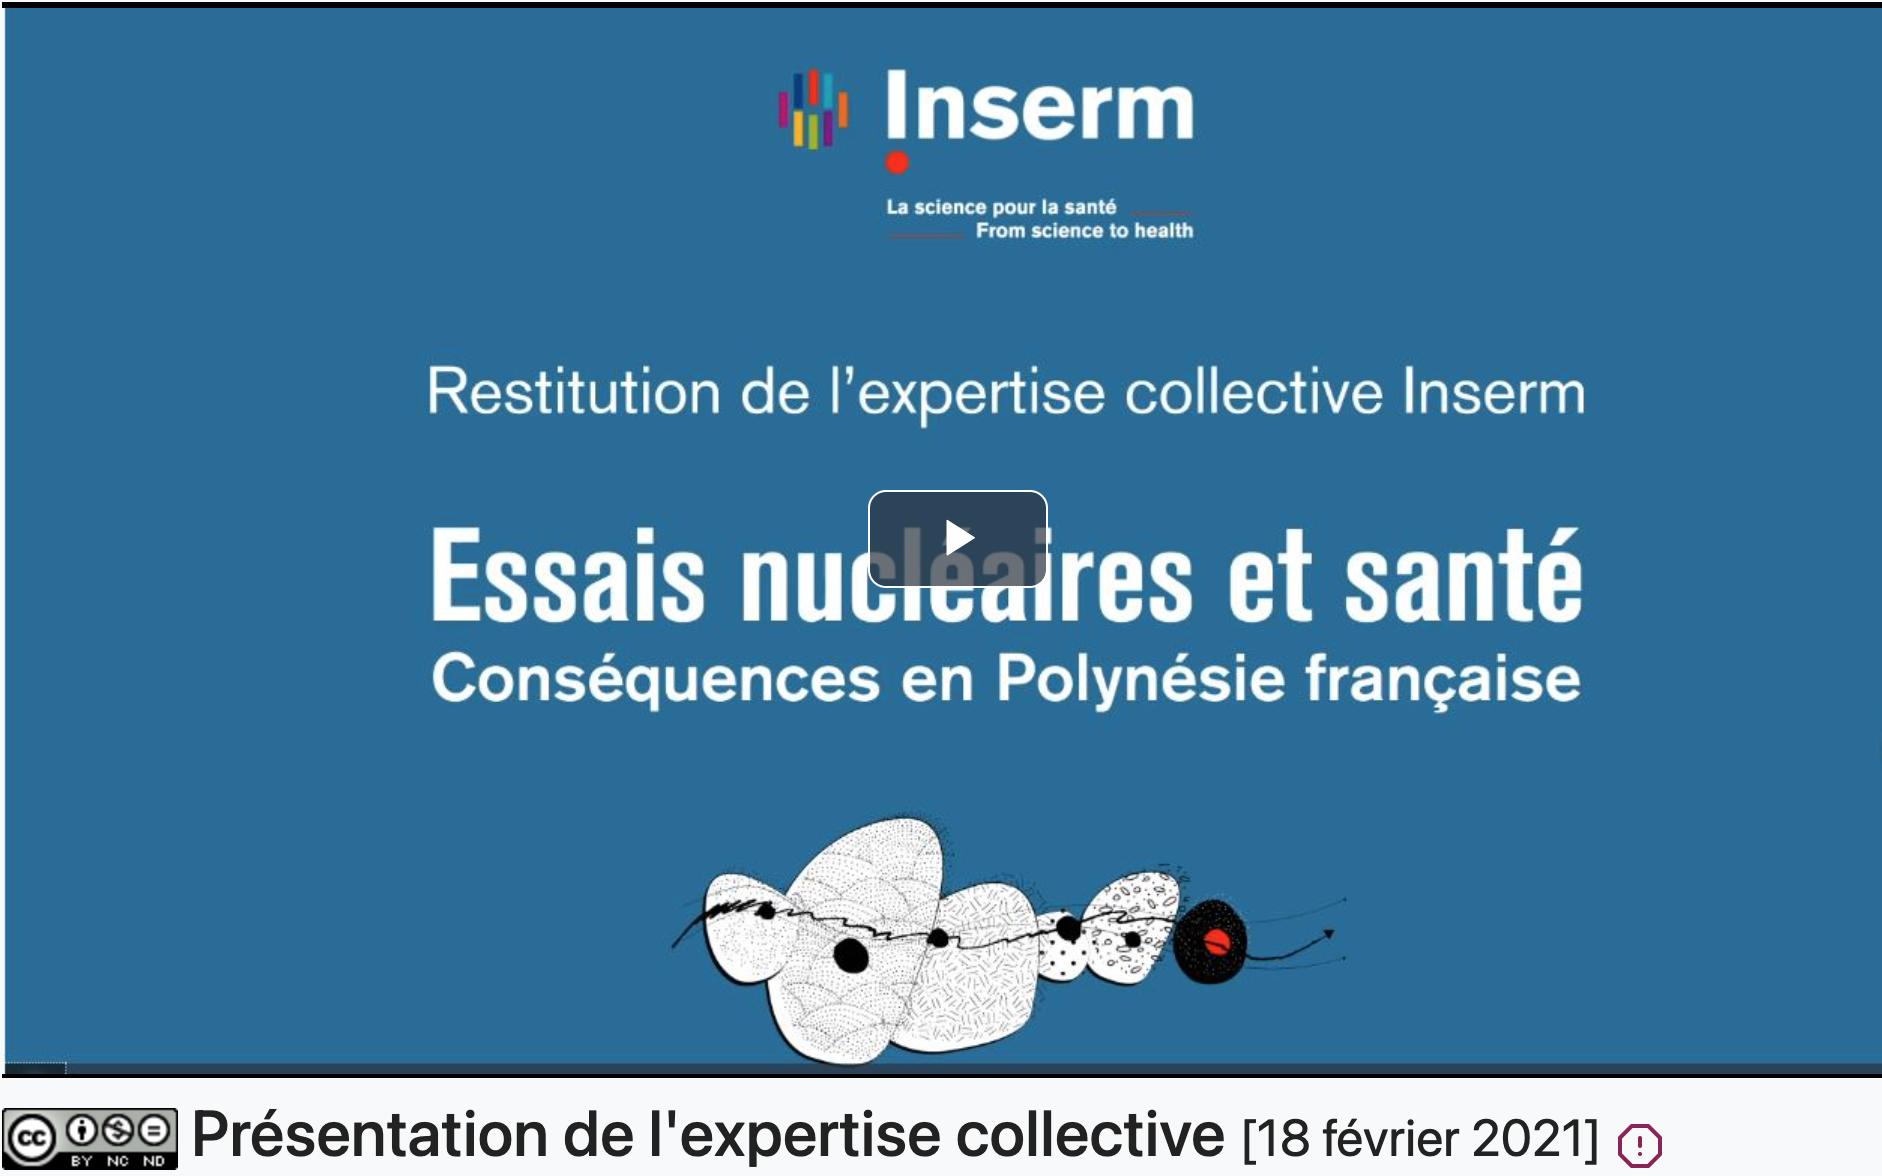 La première des quatre vidéos de l'INSERM - Conséquences sanitaires des Essais nucleaires en Polynésie française - le rapport du Pôle Expertise de l'INSERM le 18 février 2021 sur Essais nucléaires et santé - Conséquences en Polynésie française.